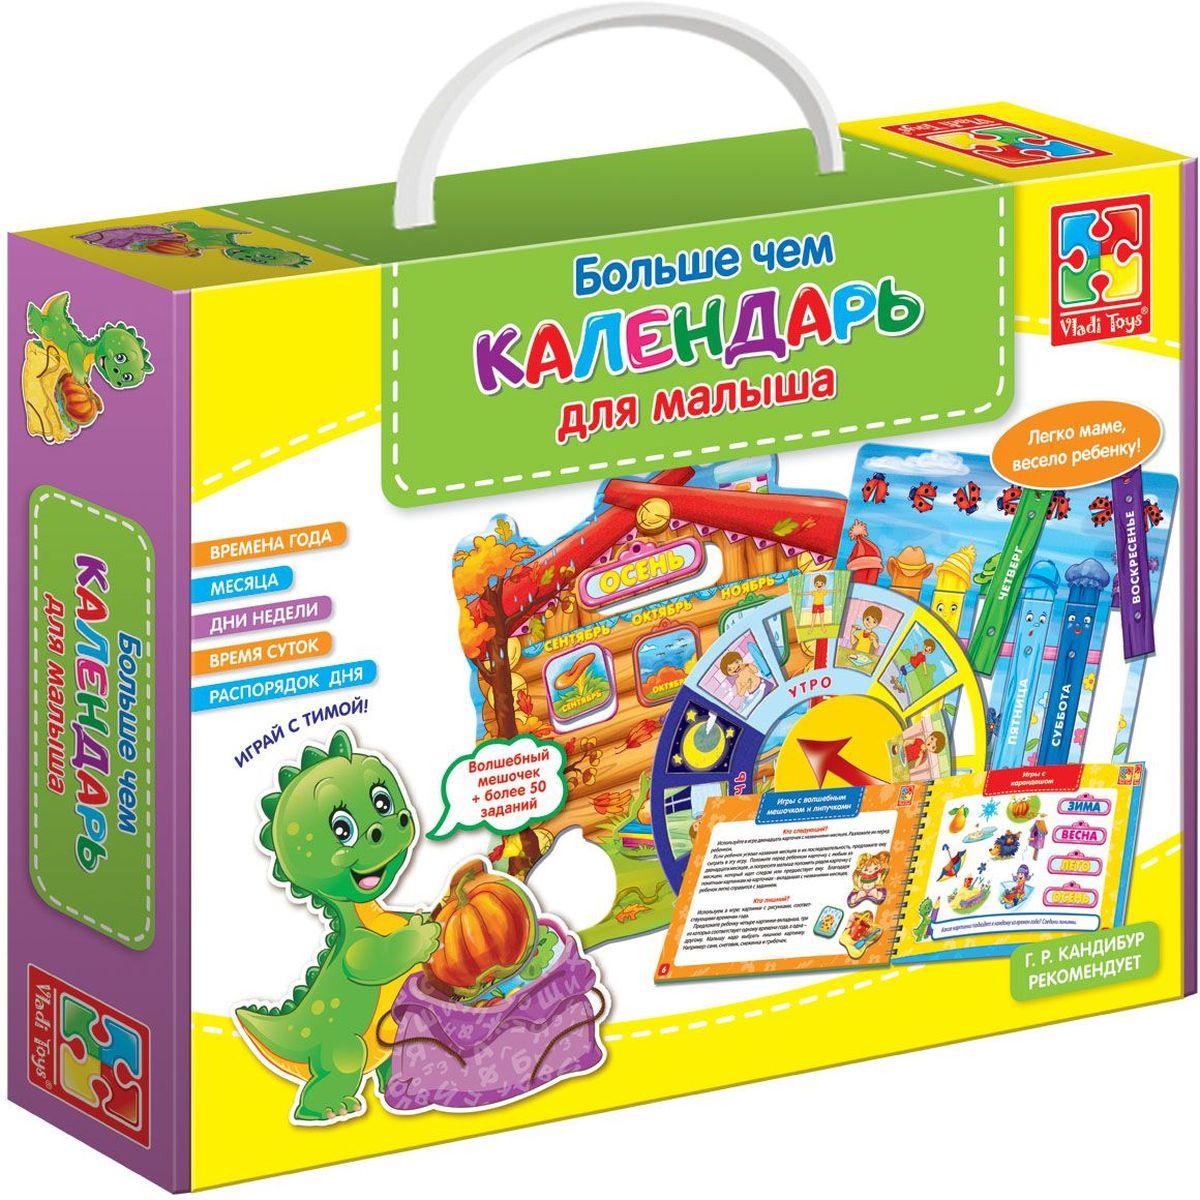 Vladi Toys Обучающая игра Больше чем календарь для малыша vladi toys настольная игра больше чем азбука vladi toys